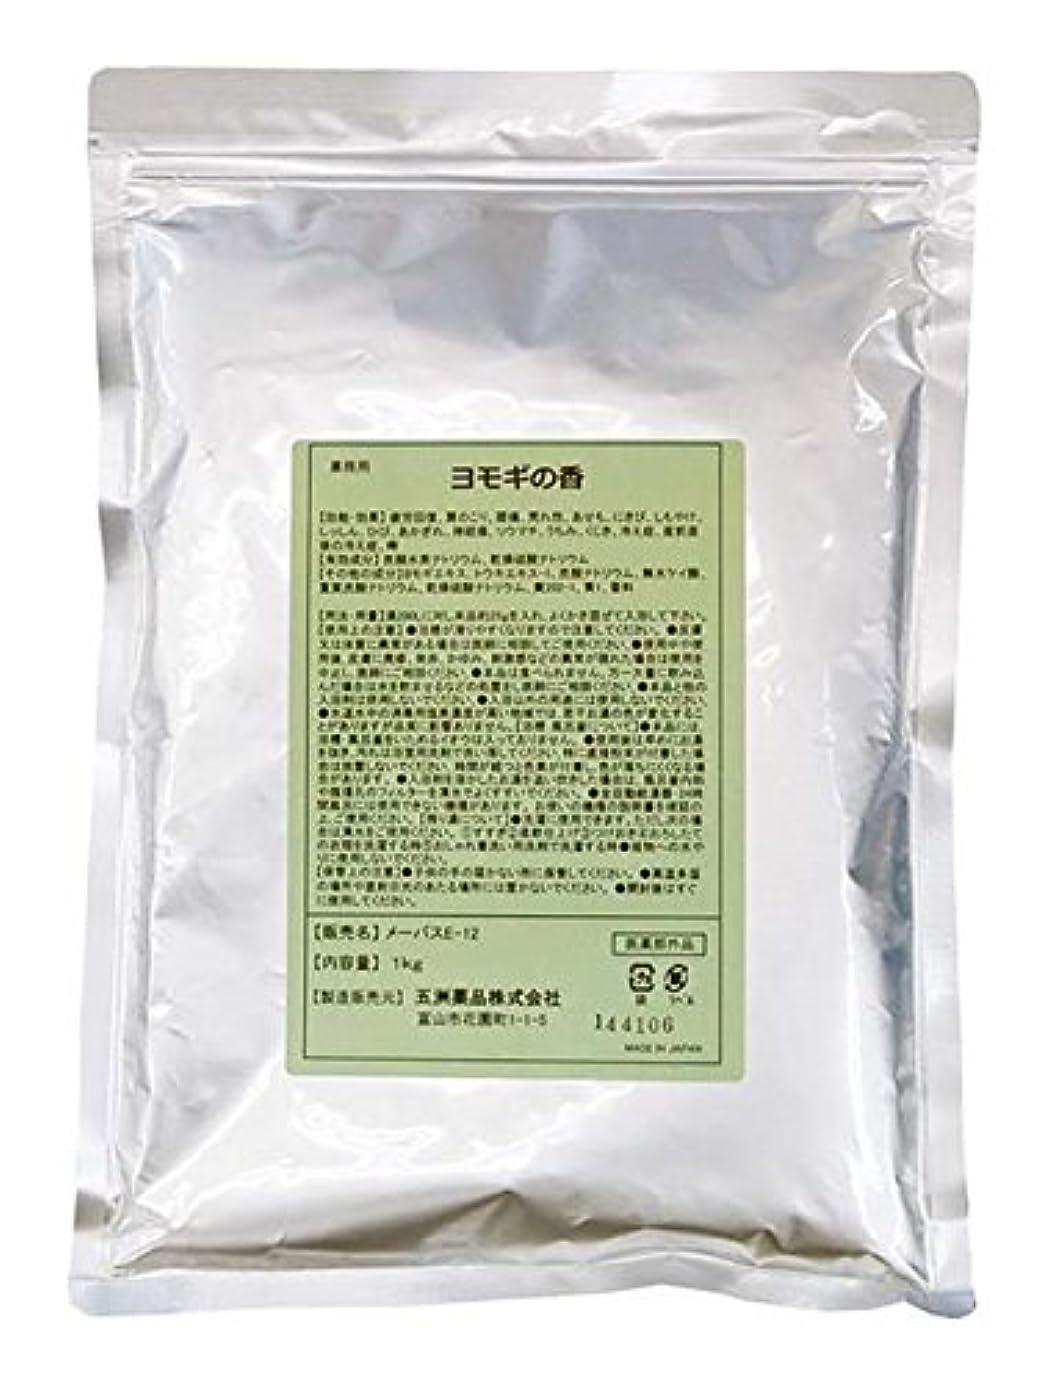 腐敗寂しい検閲薬用入浴剤 業務用 ヨモギの香 1kg [医薬部外品]